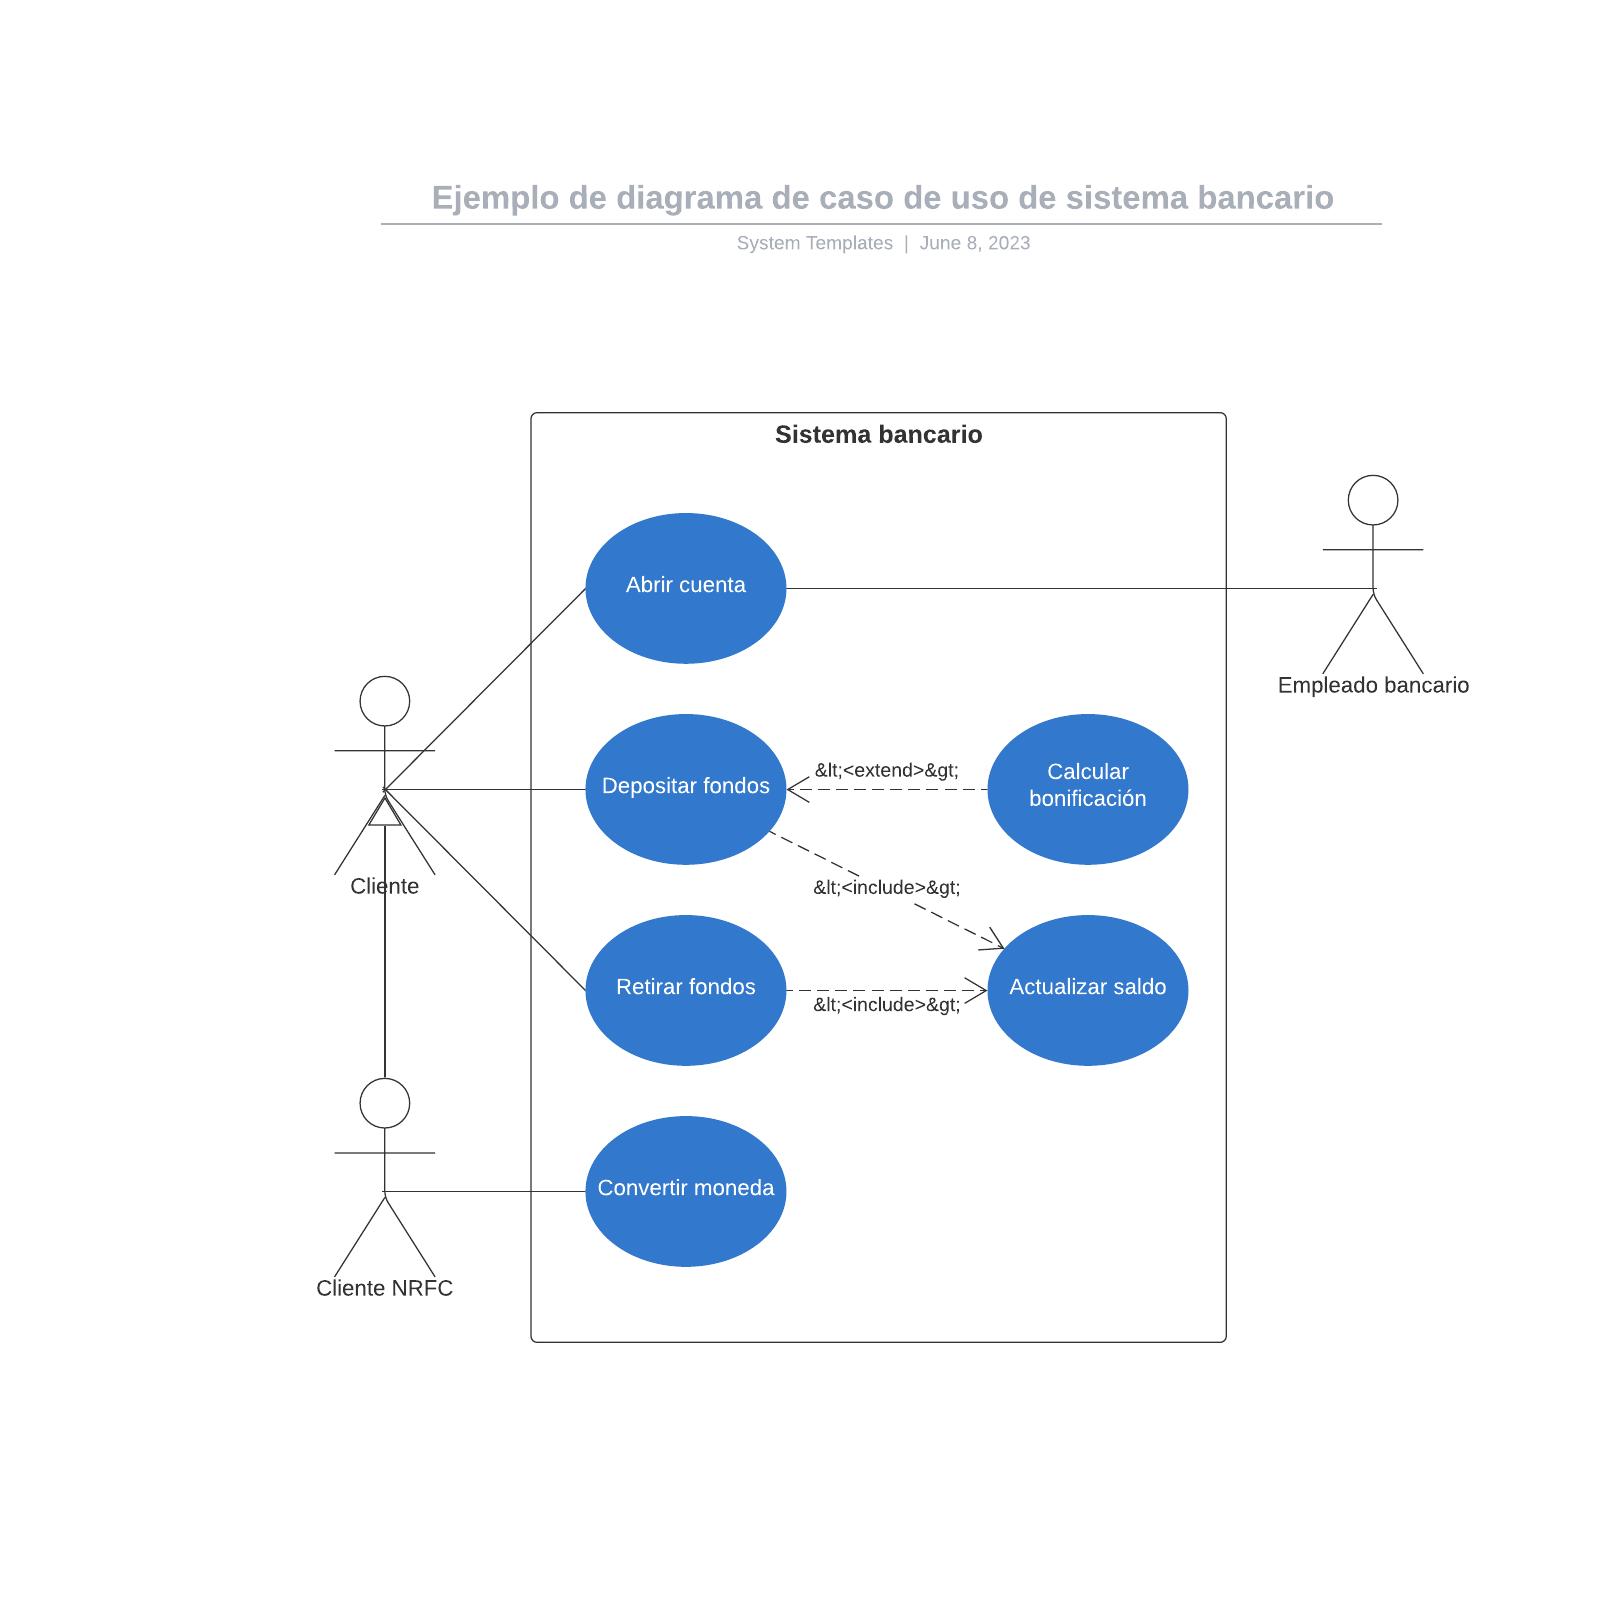 Ejemplo de diagrama de caso de uso de sistema bancario